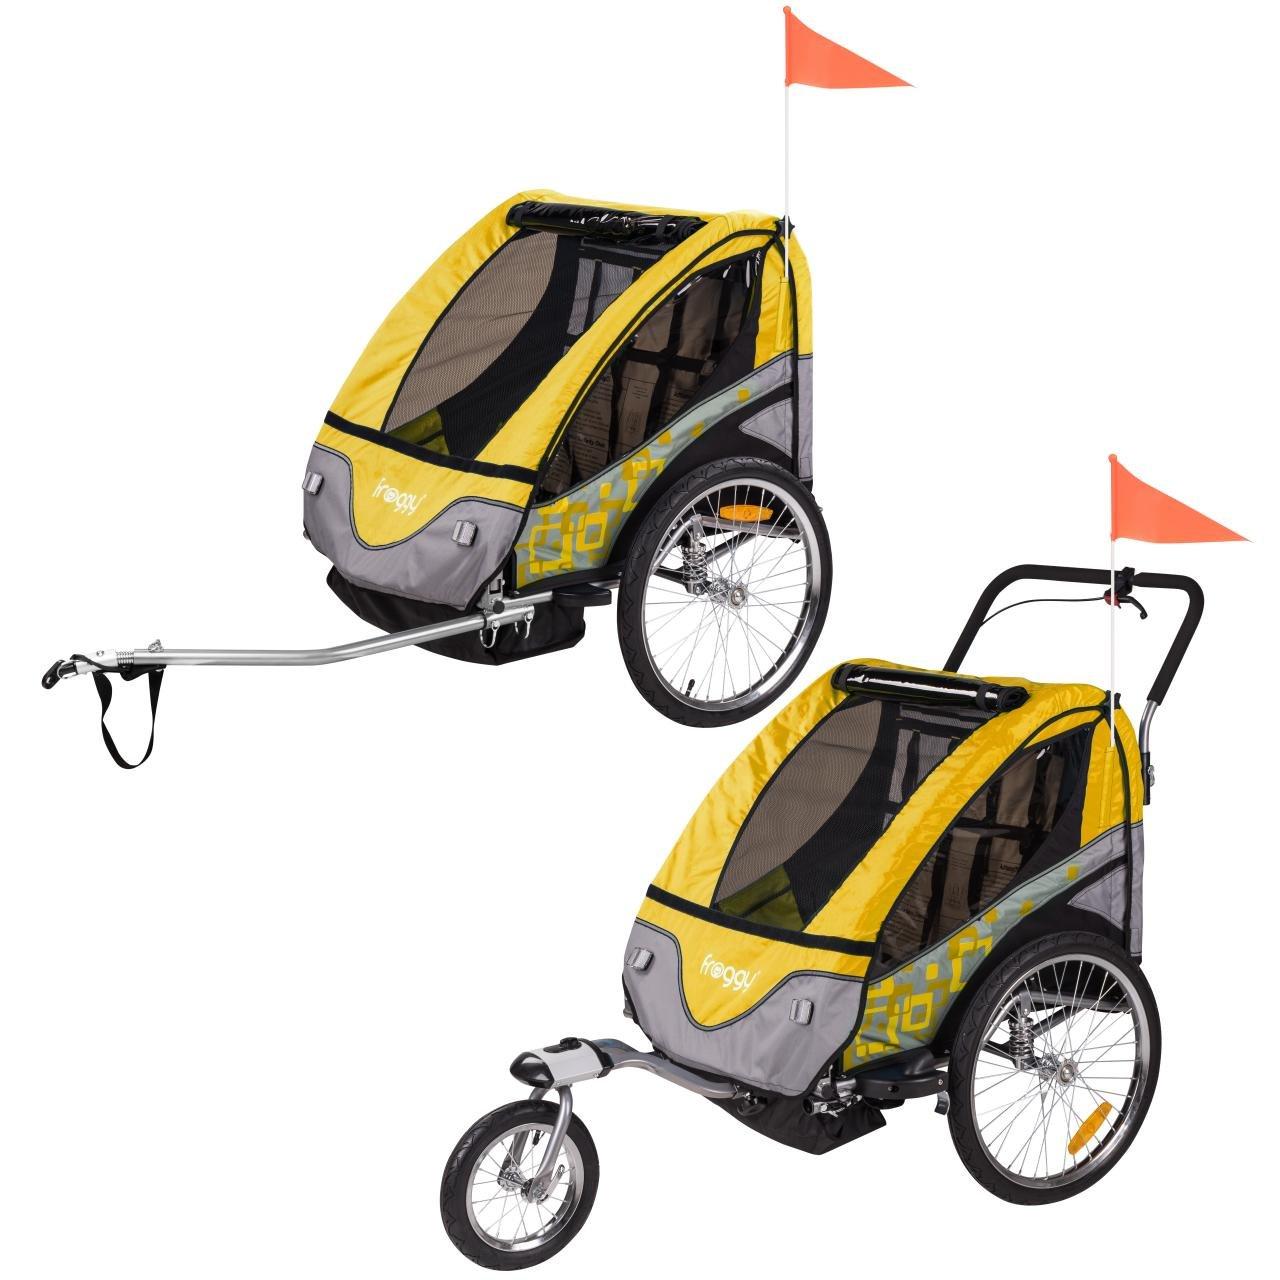 Design Tangerine FROGGY Kinder Fahrradanh/änger 360/° Drehbar mit Federung 2in1 Anh/änger f/ür 1 bis 2 Kinder 5-Punkt Sicherheitsgurt Joggerfunktion